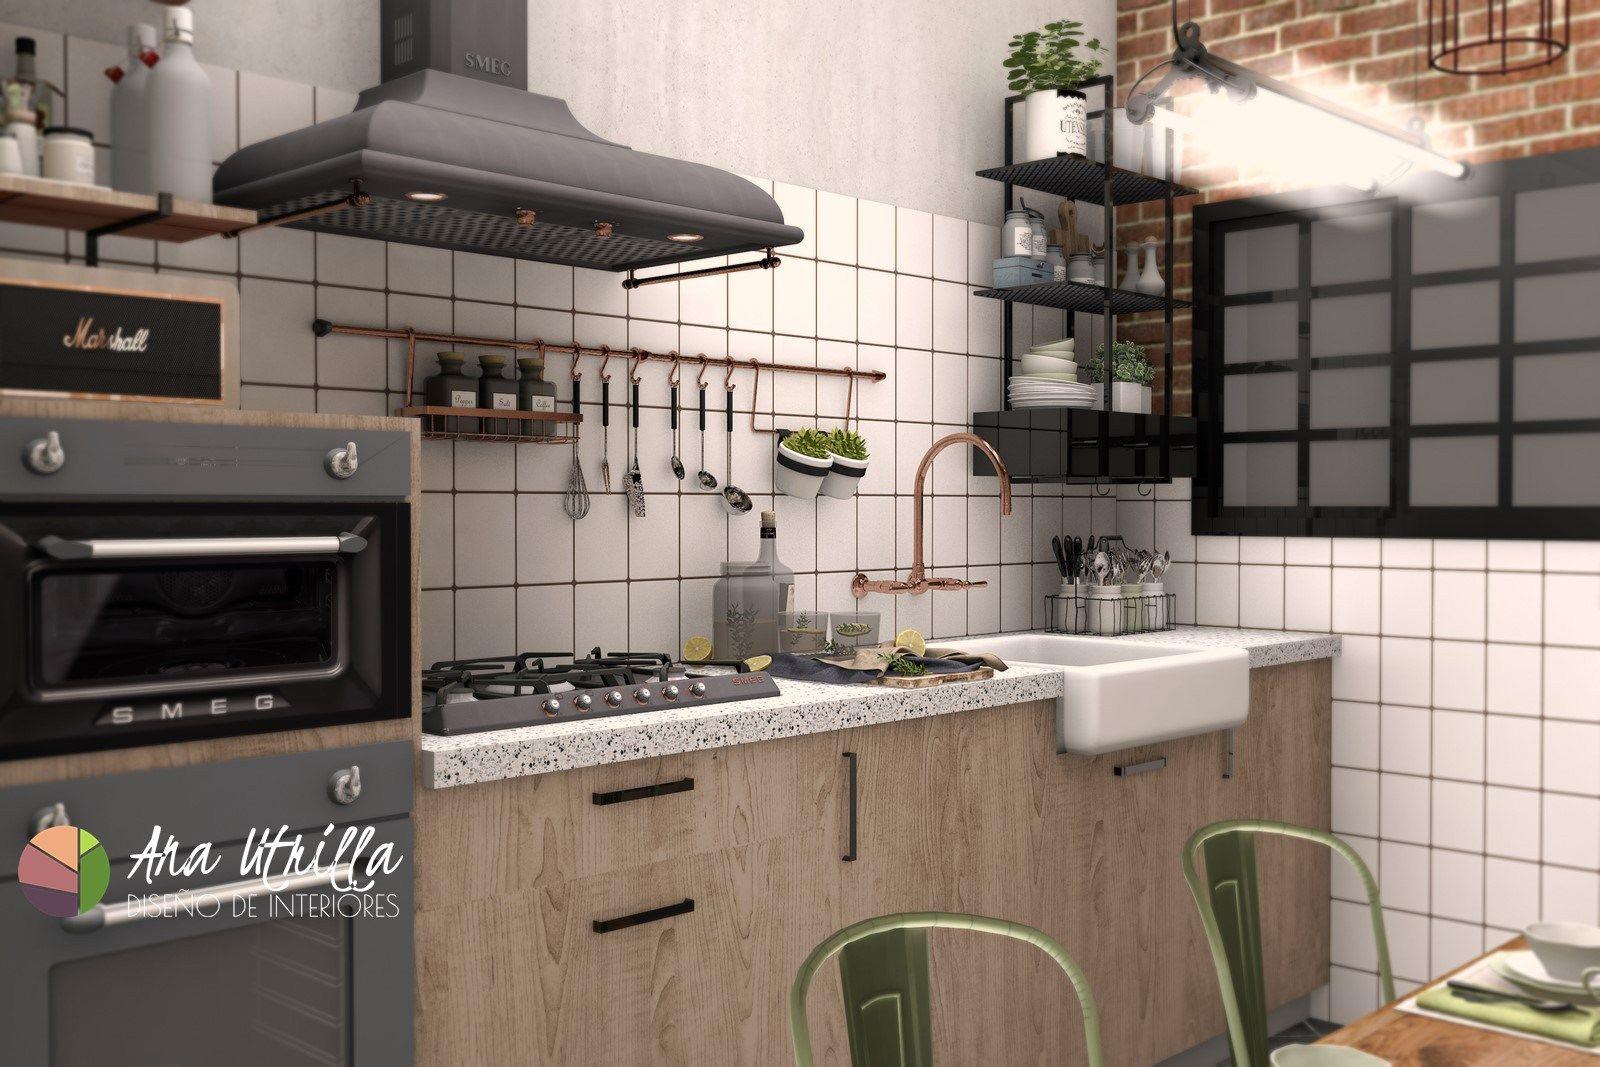 alzado de cocina de estilo industrial retro en 3d por ana utrilla